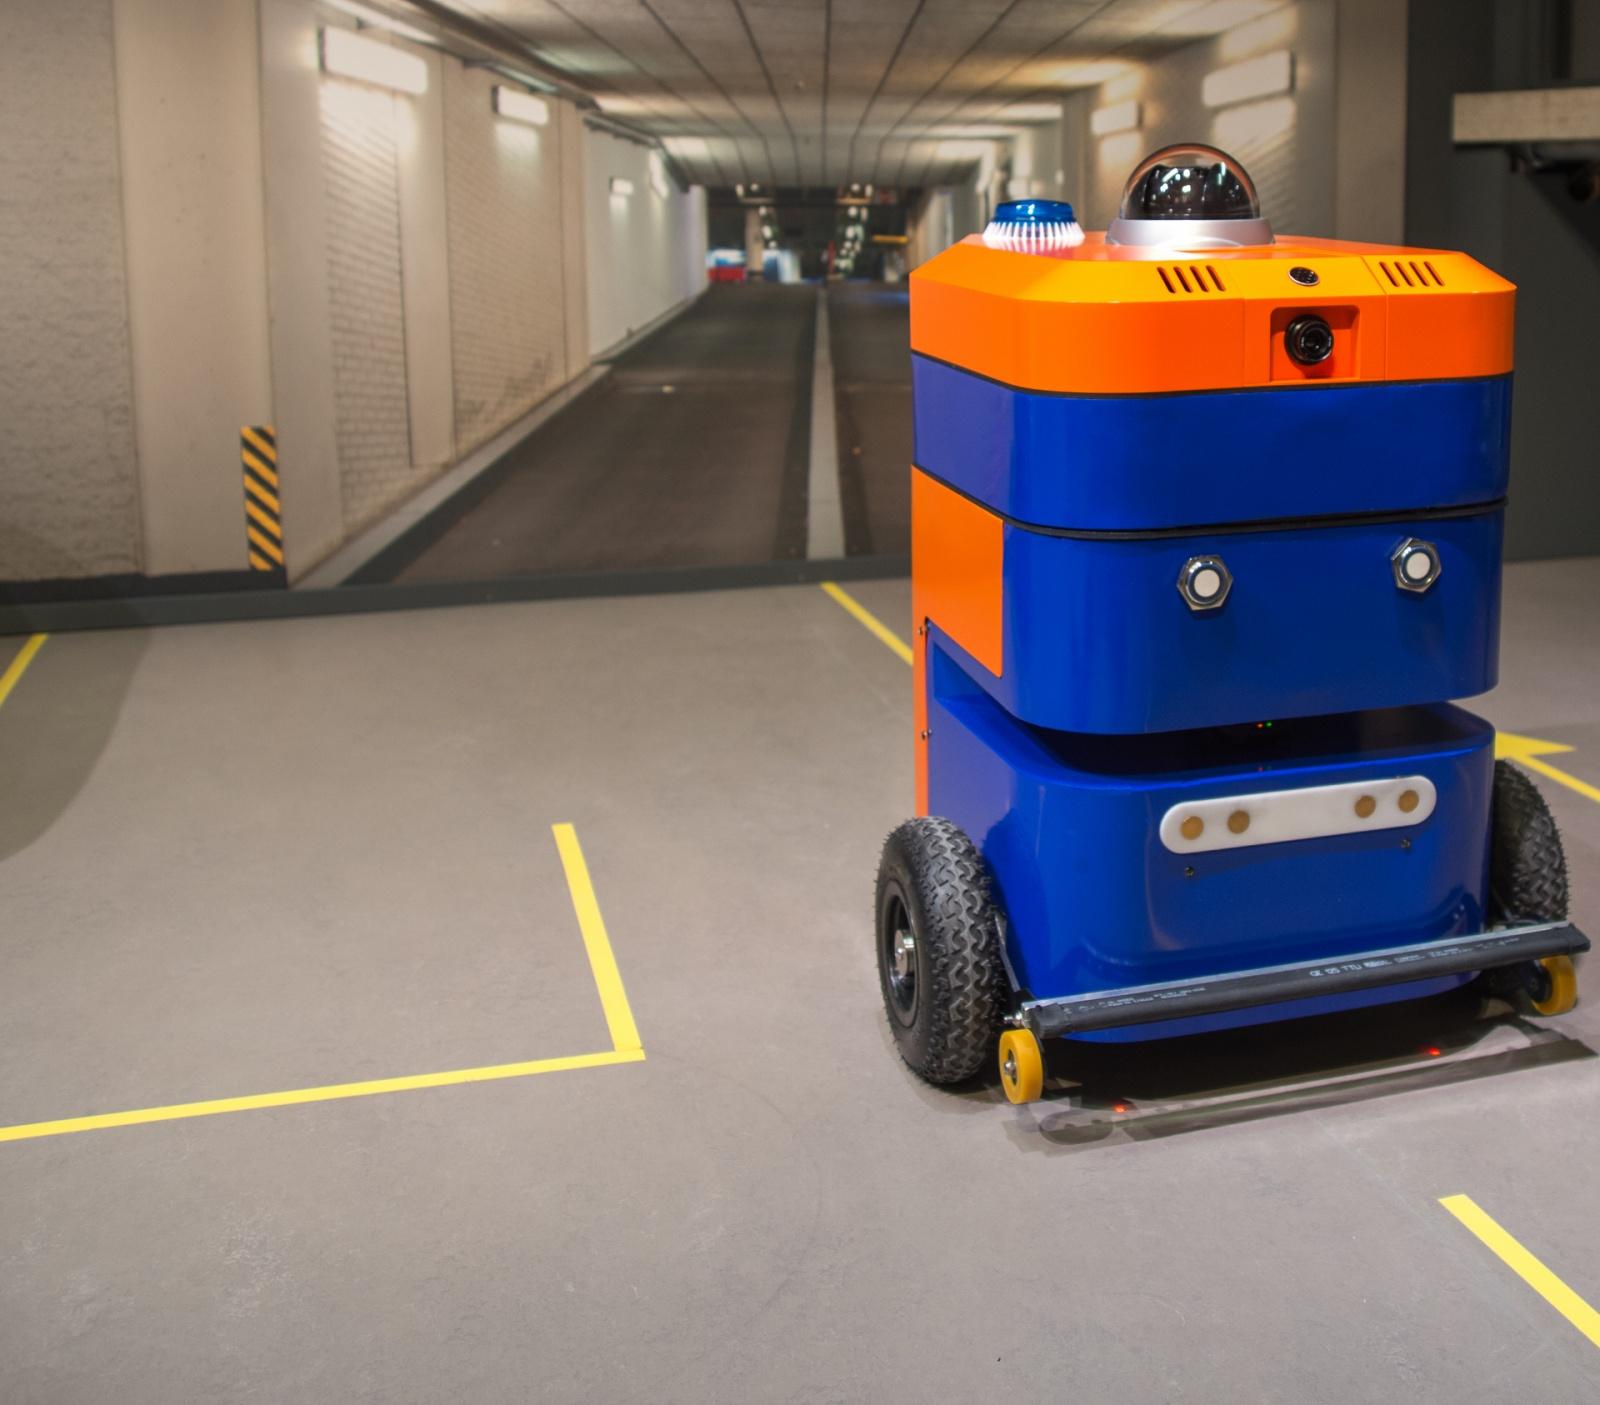 Китайский робот-охранник с электрошокером AnBot заступил в патруль - 6